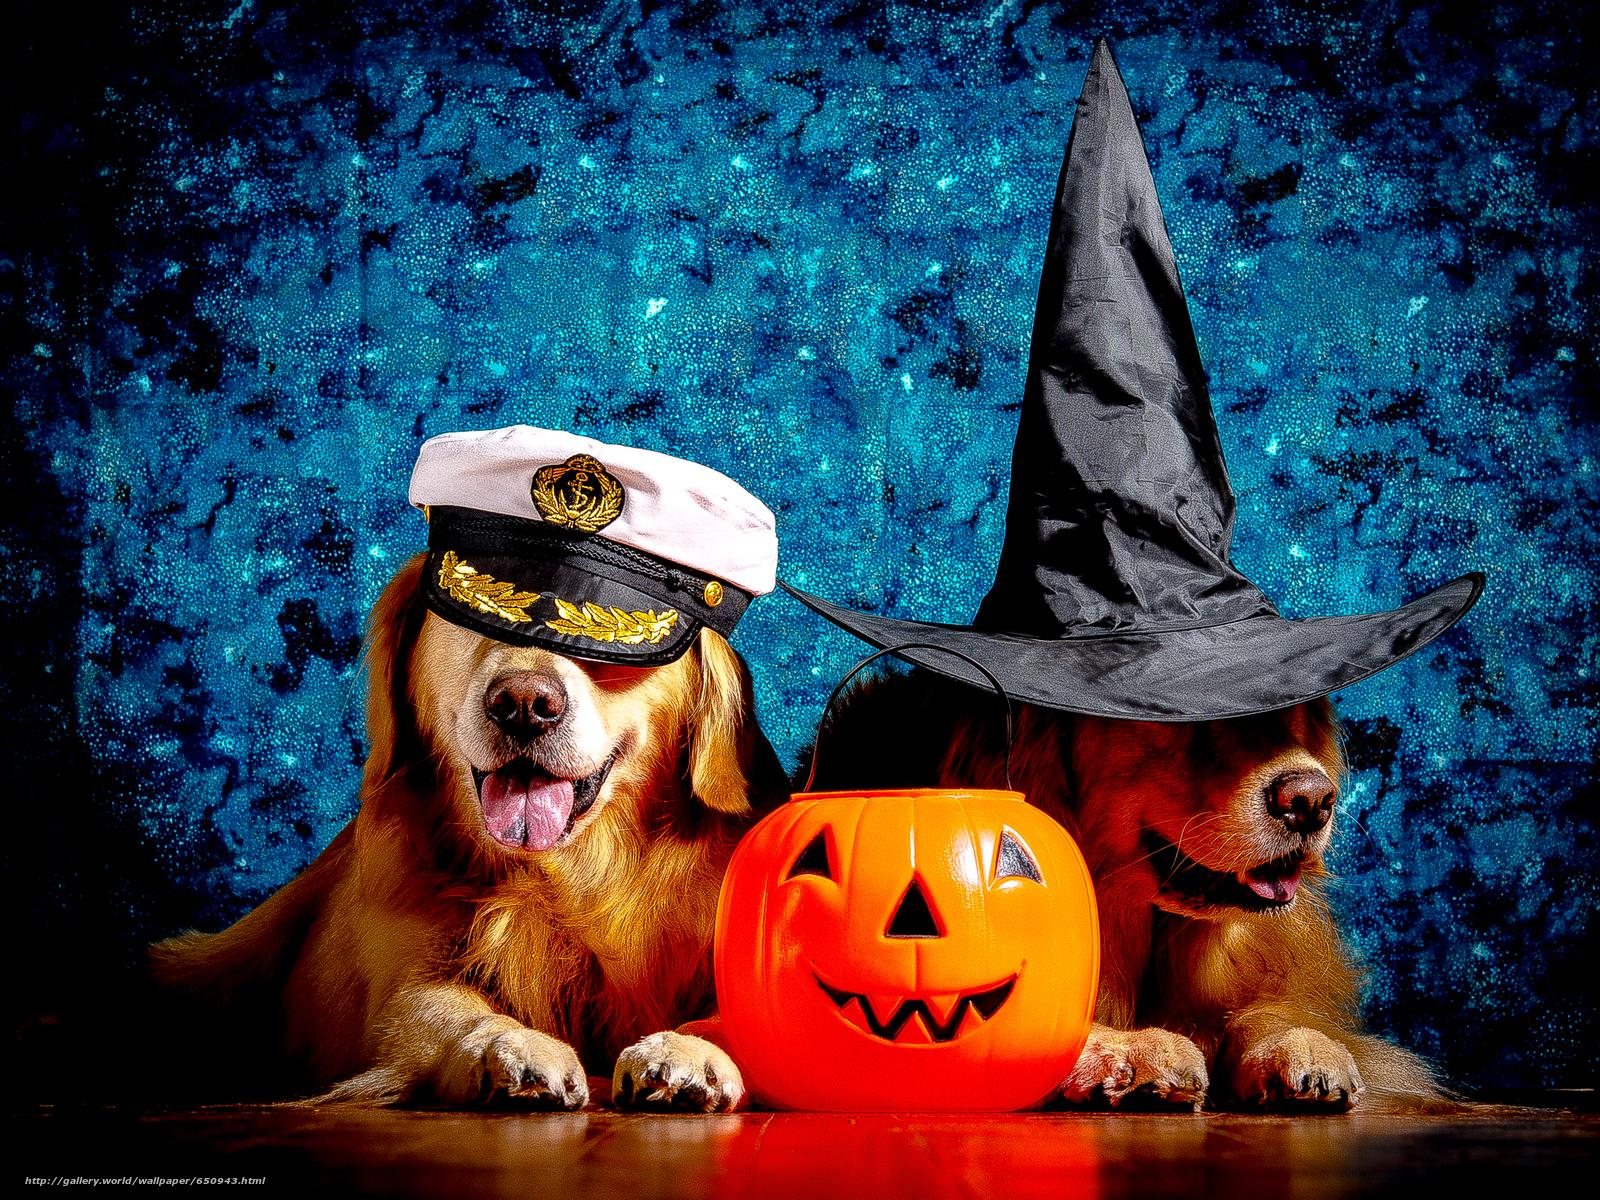 Скачать обои Лабрадор,  красивая собака,  собаки,  прикольная собака бесплатно для рабочего стола в разрешении 3745x2809 — картинка №650943